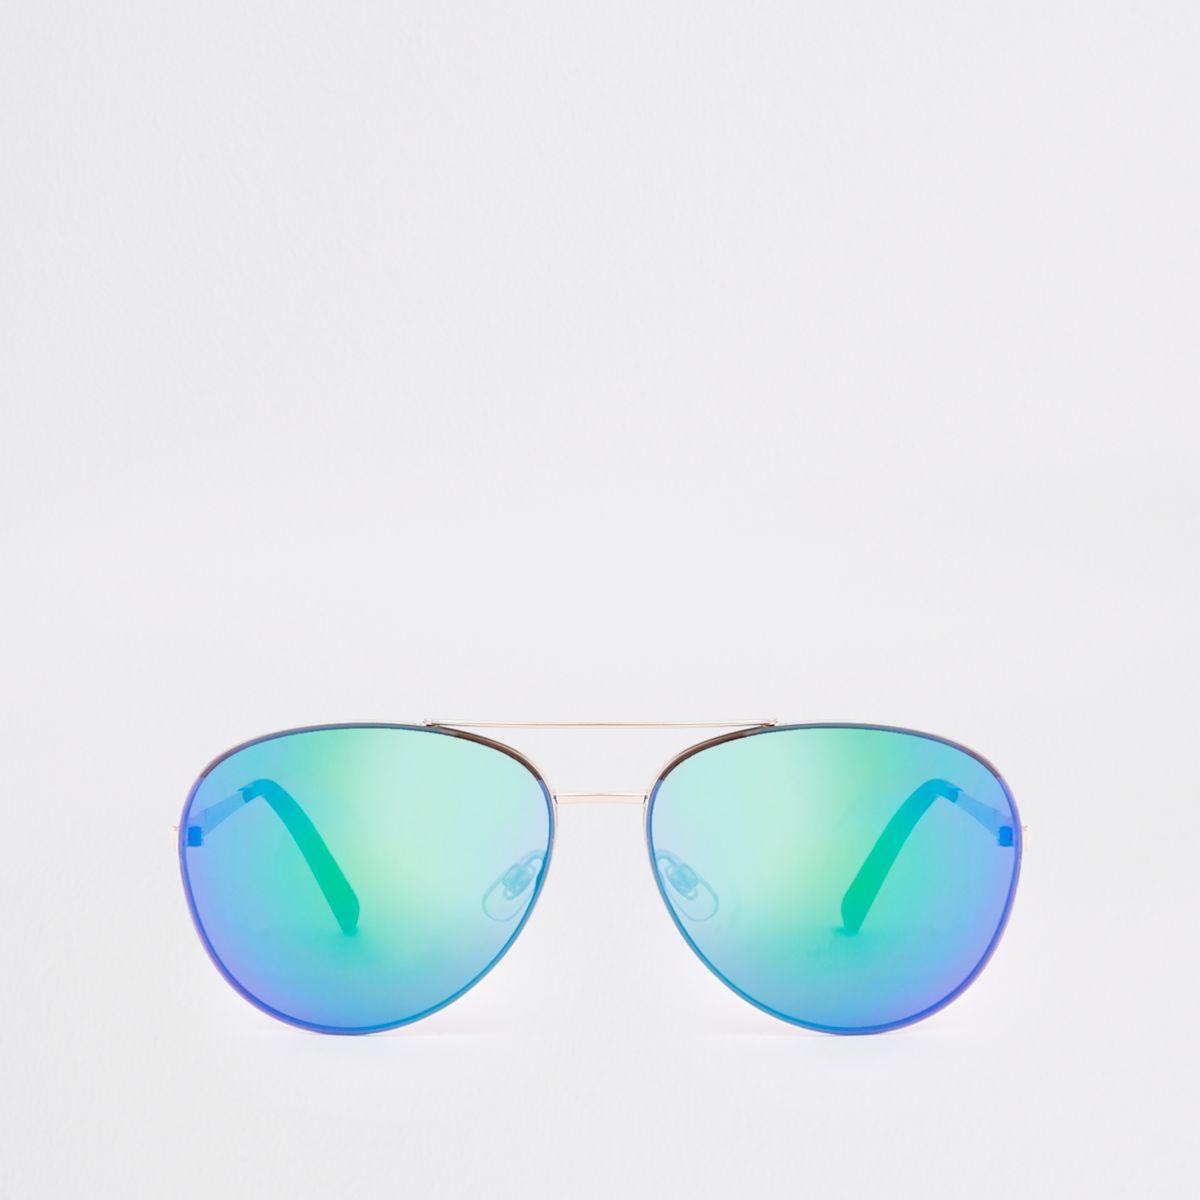 Gold tone blue lens aviator sunglasses